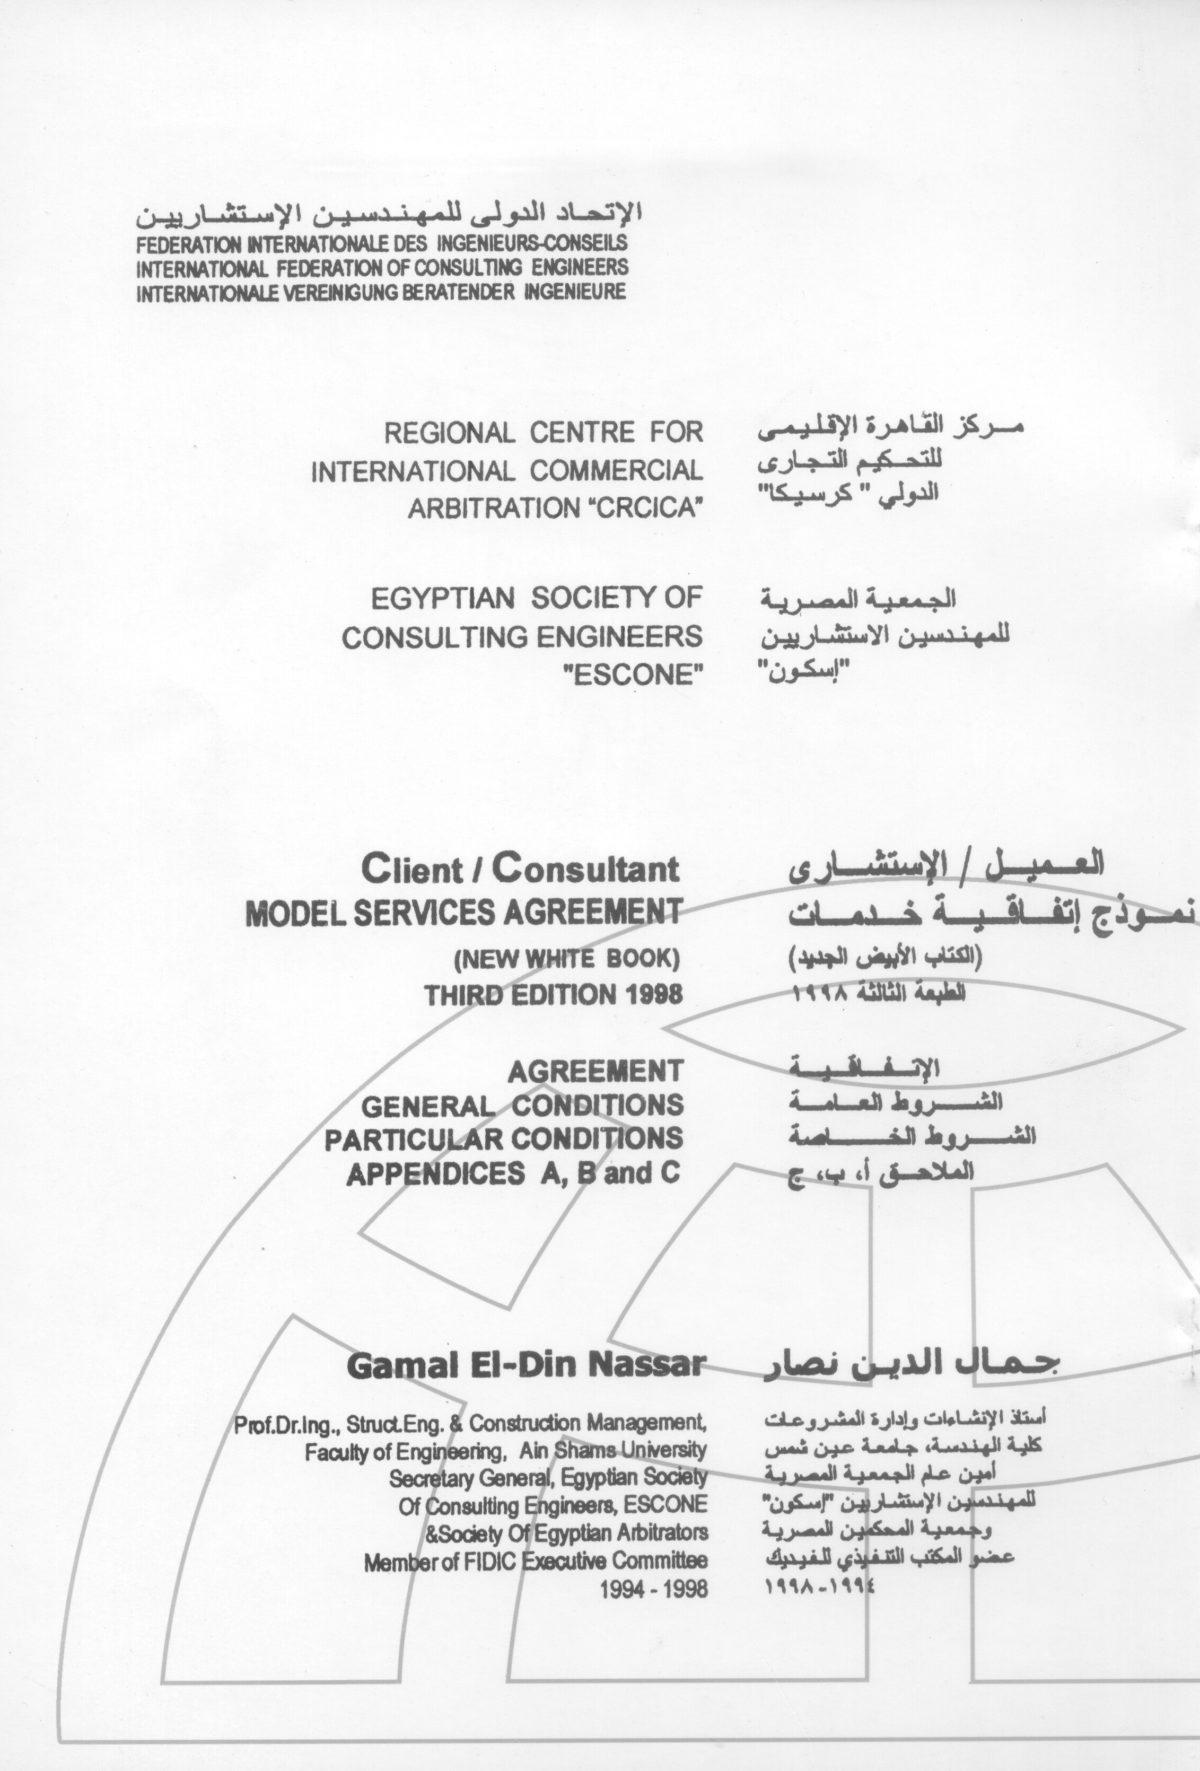 نموذج اتفاقية خدمات الكتاب الابيض الجديد